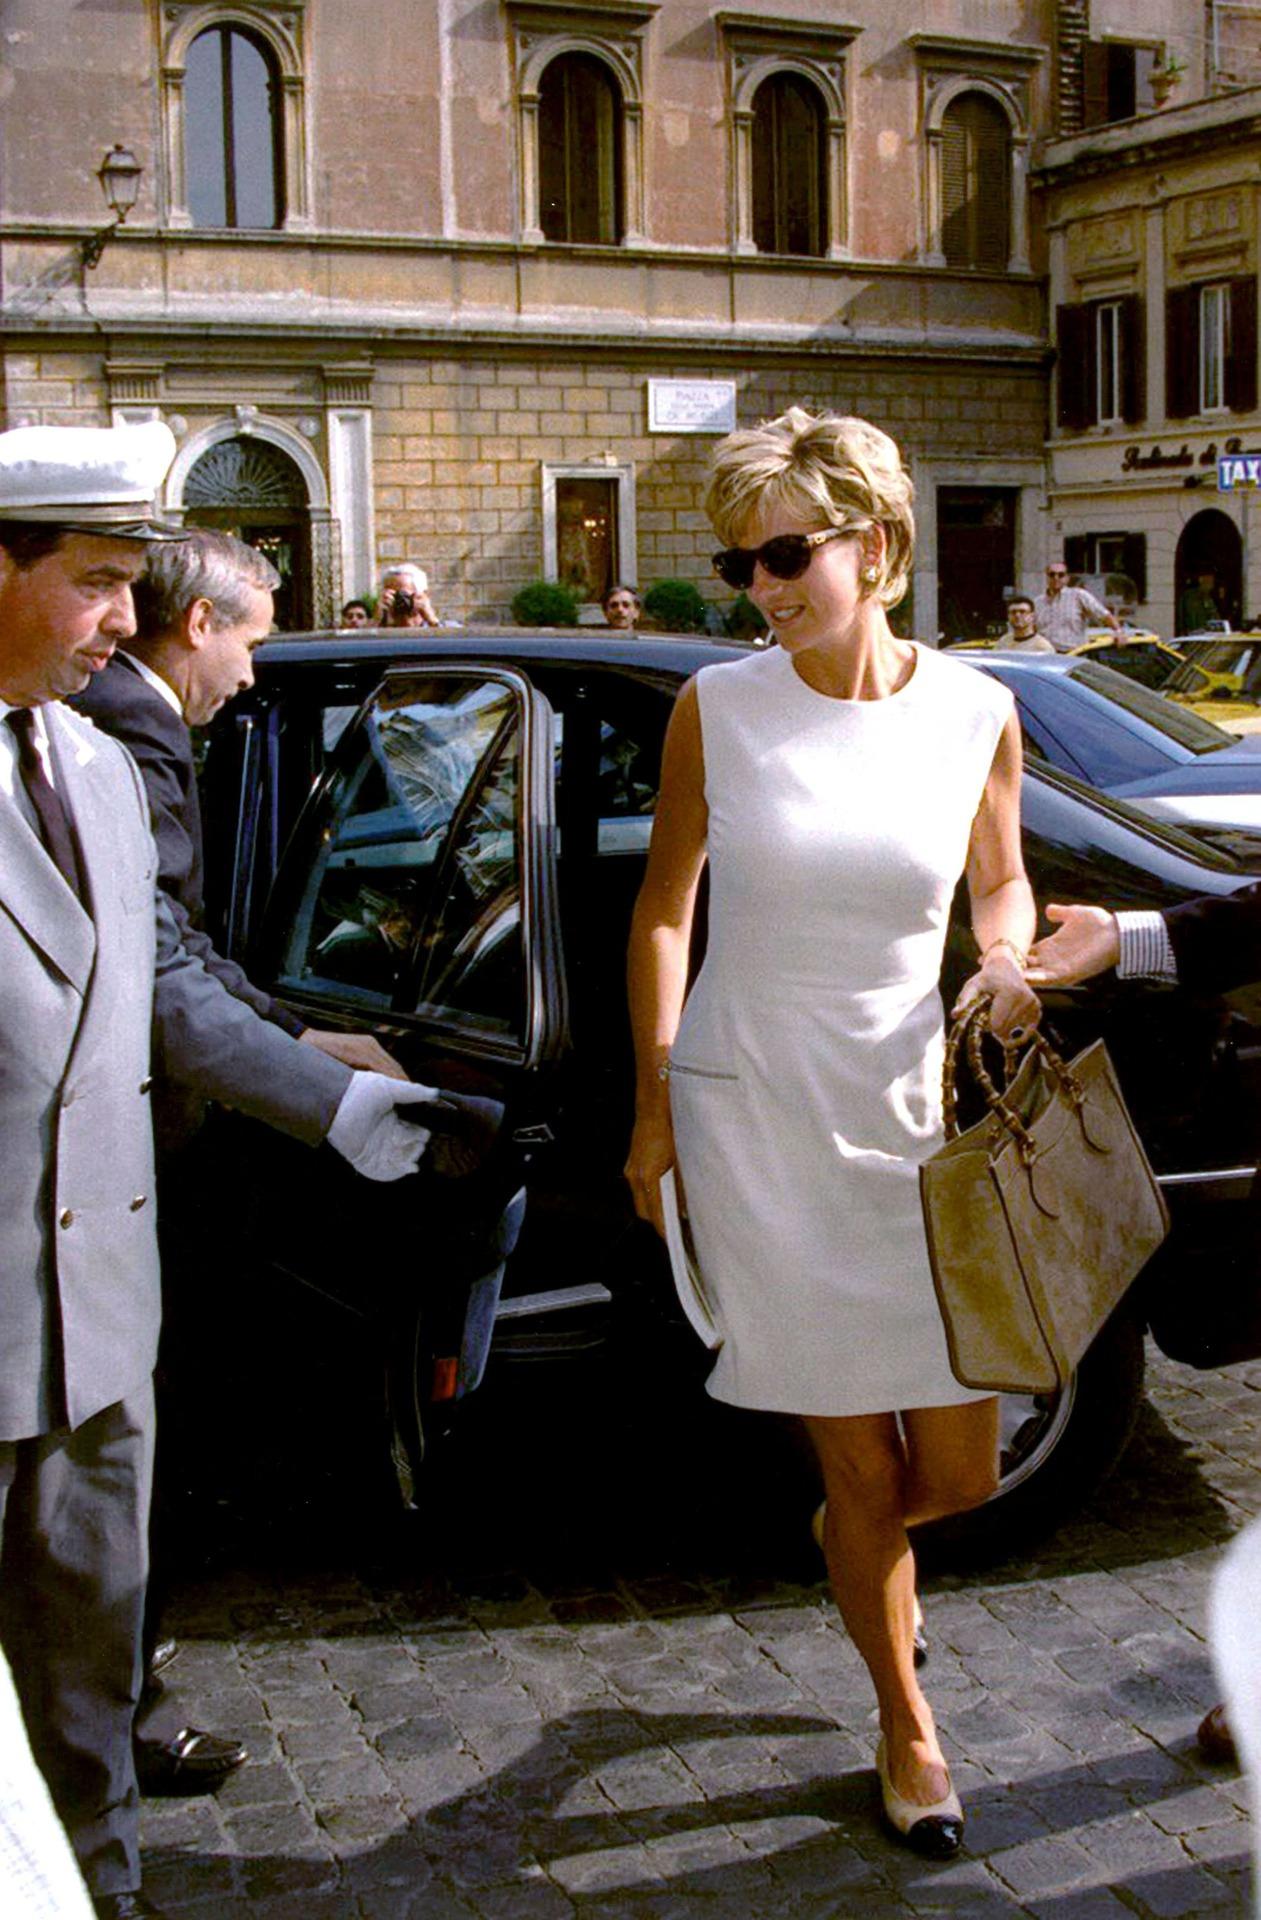 Roma 19/06/1996 Nella foto: l'arrivo di Lady Diana SPENCER a Palazzo Farnese ph Solo / FARABOLAFOTO (Daily Mail)